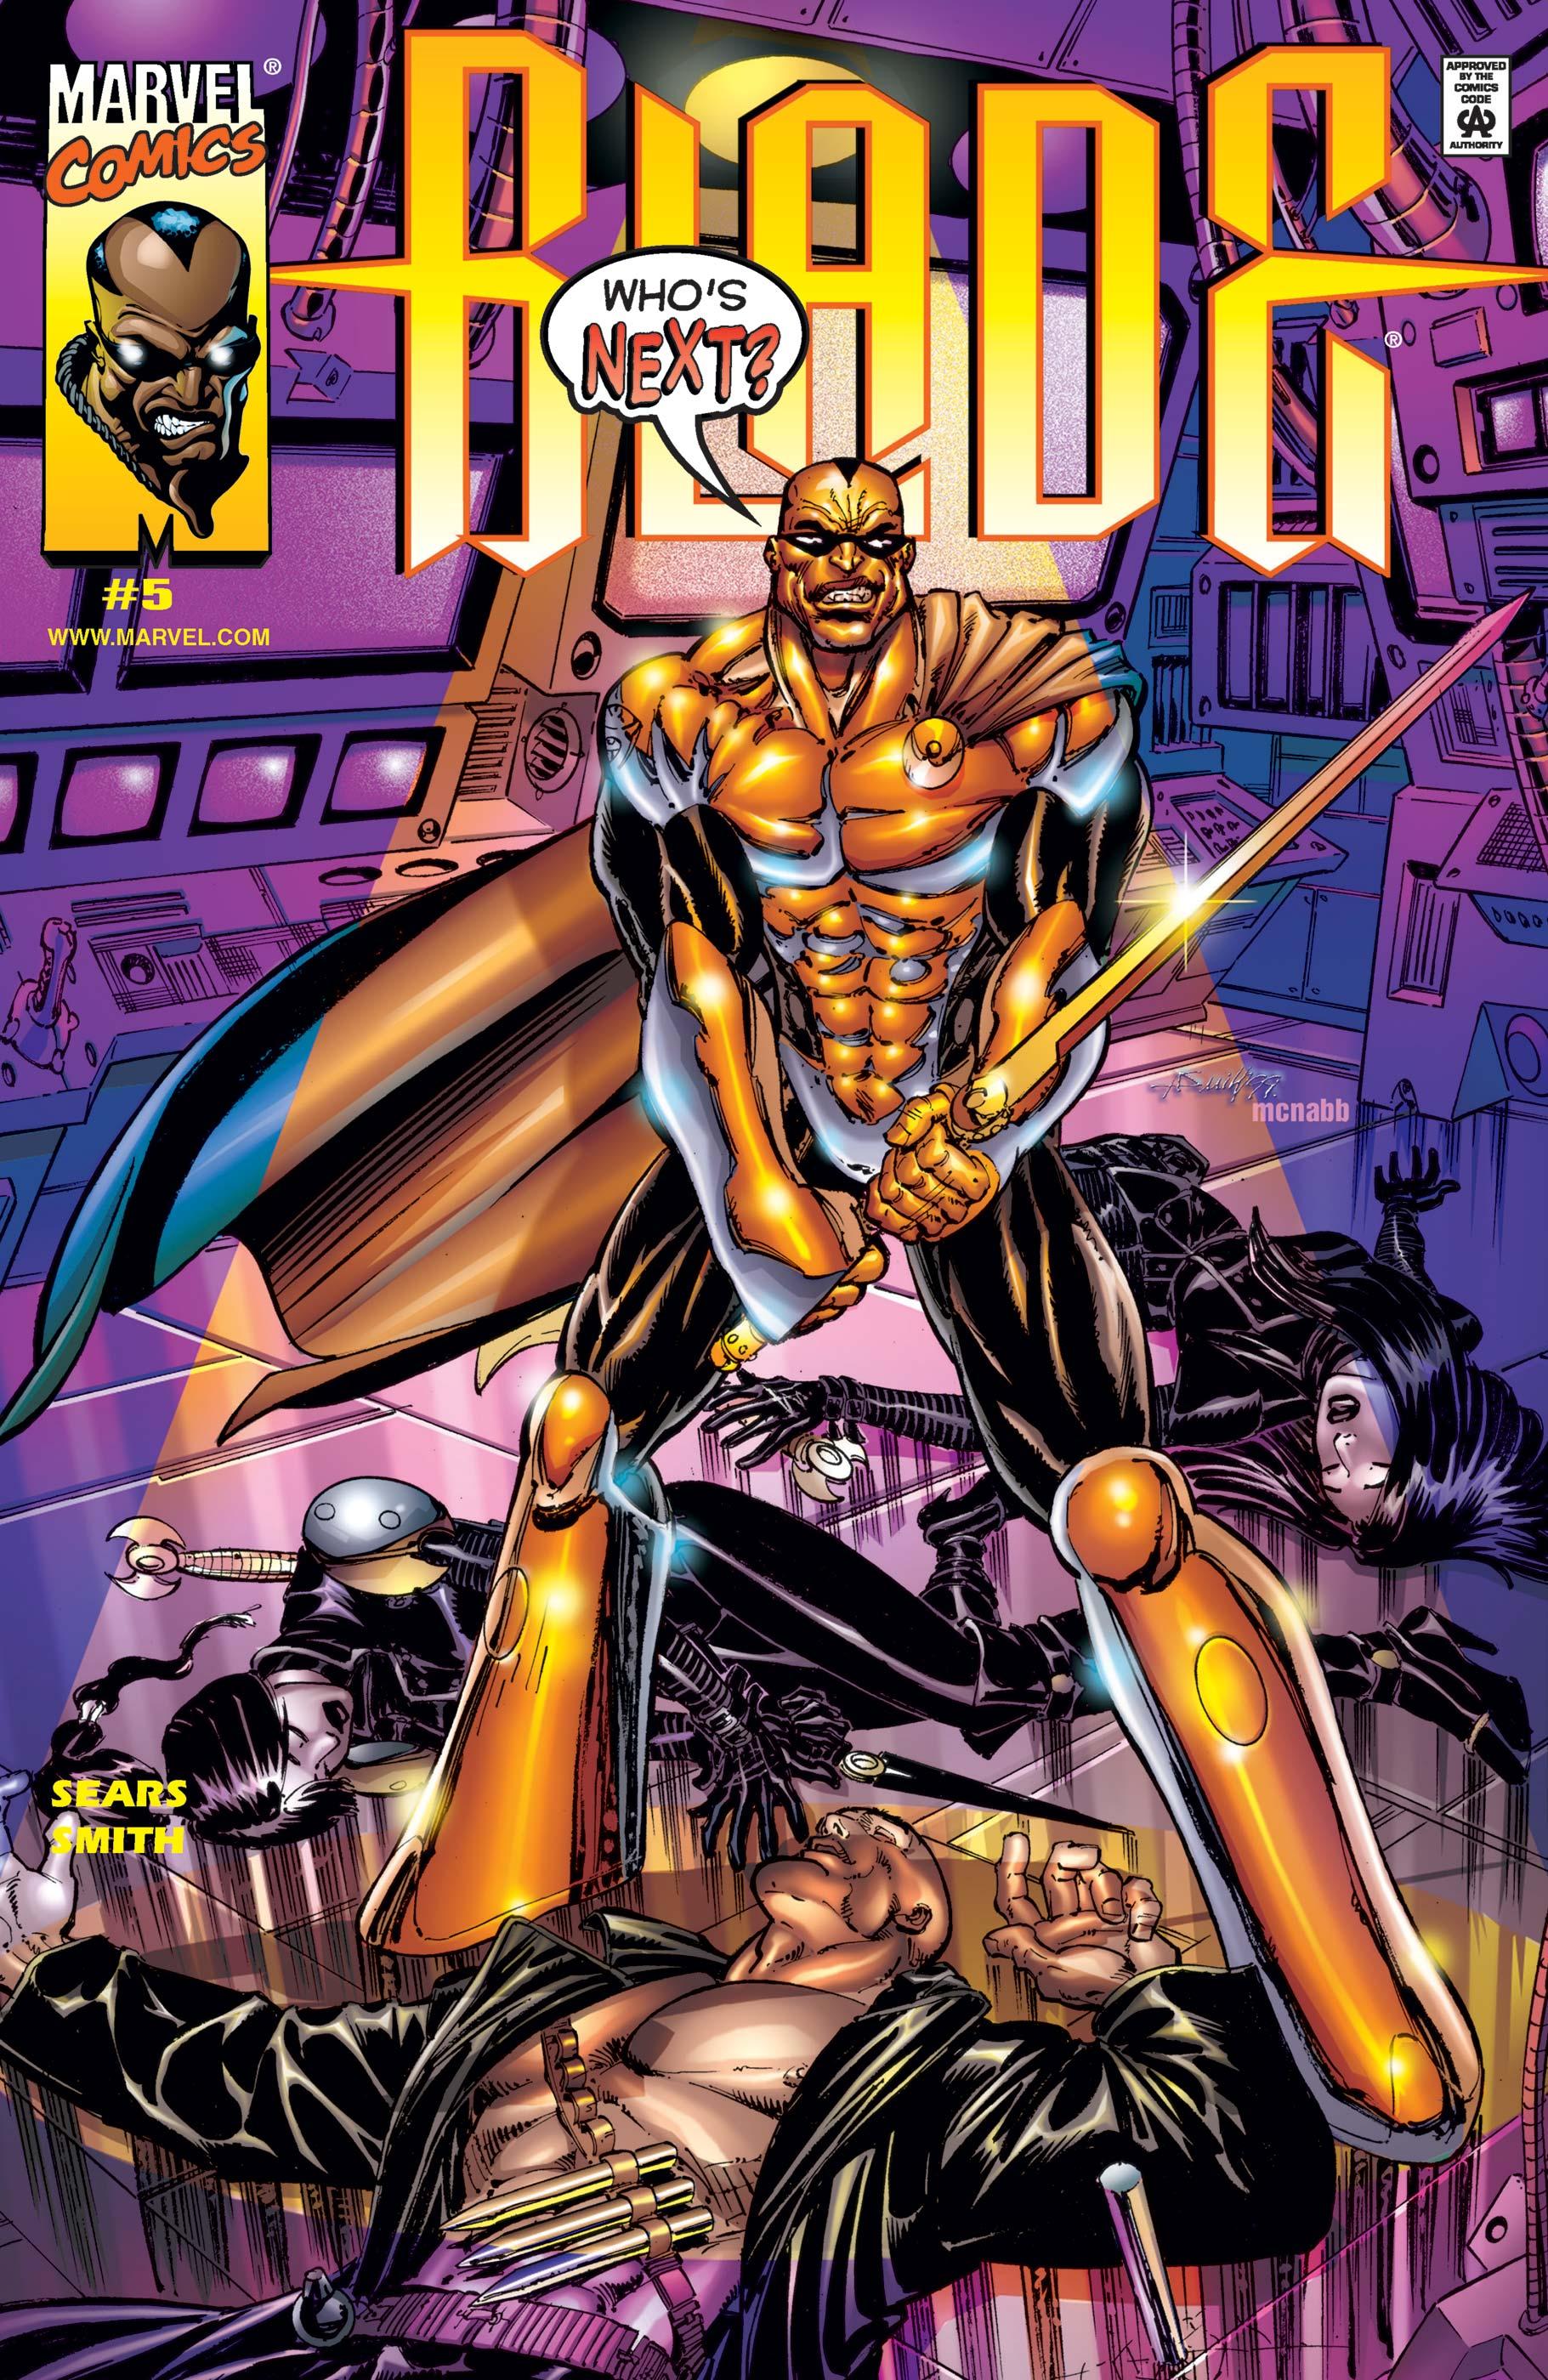 Blade: Vampire Hunter (1999) #5